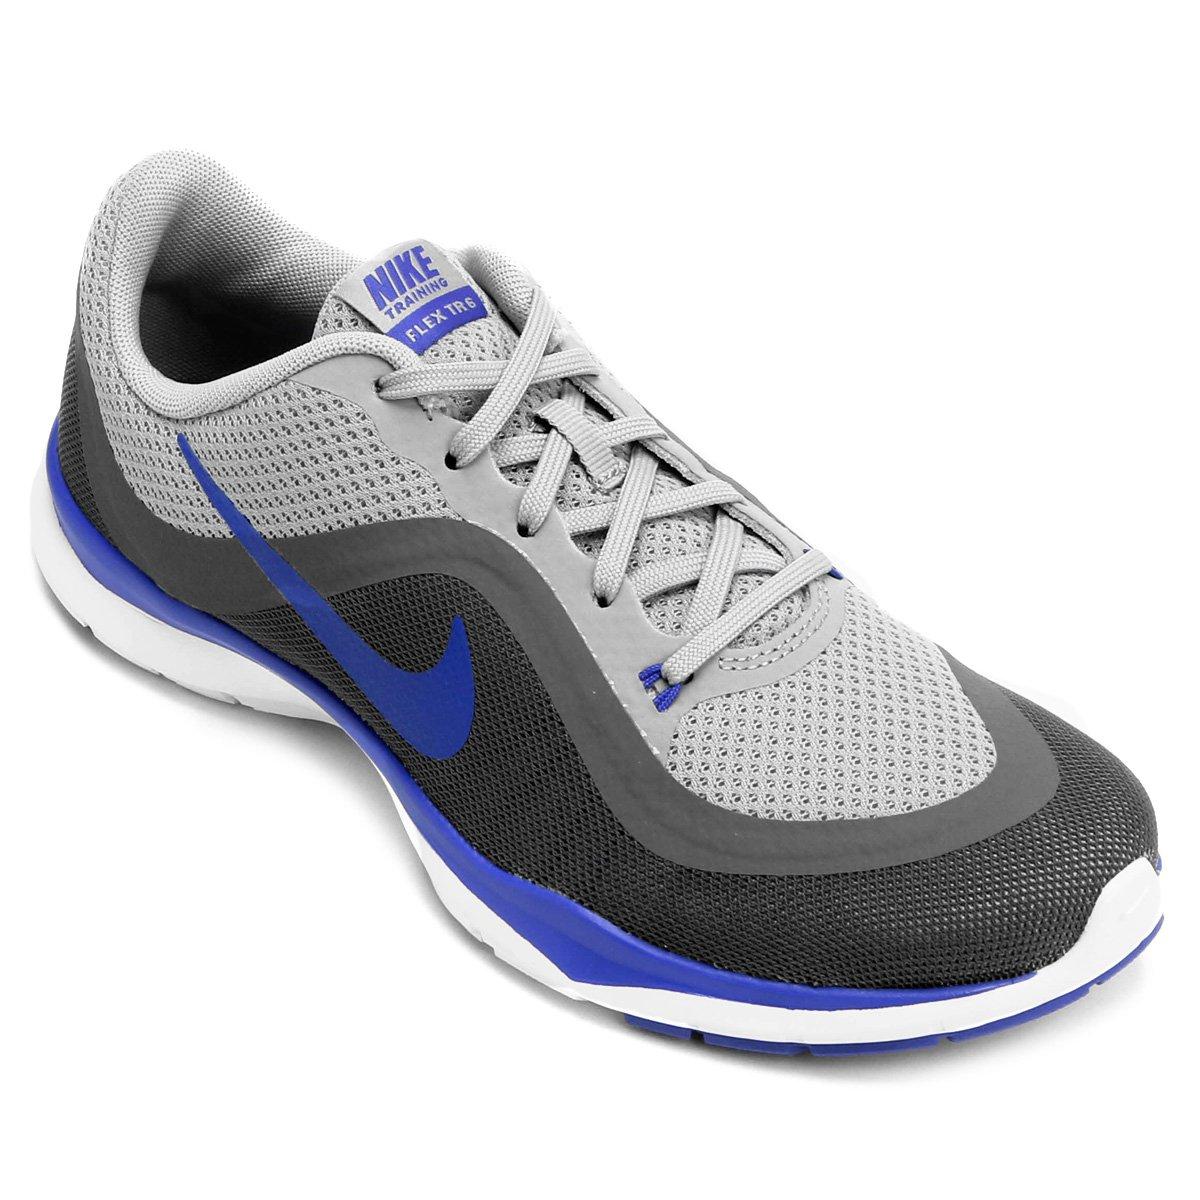 Tênis Nike Flex Trainer 6 Feminino - Cinza e Azul - Compre Agora ... 146d0a94a1111